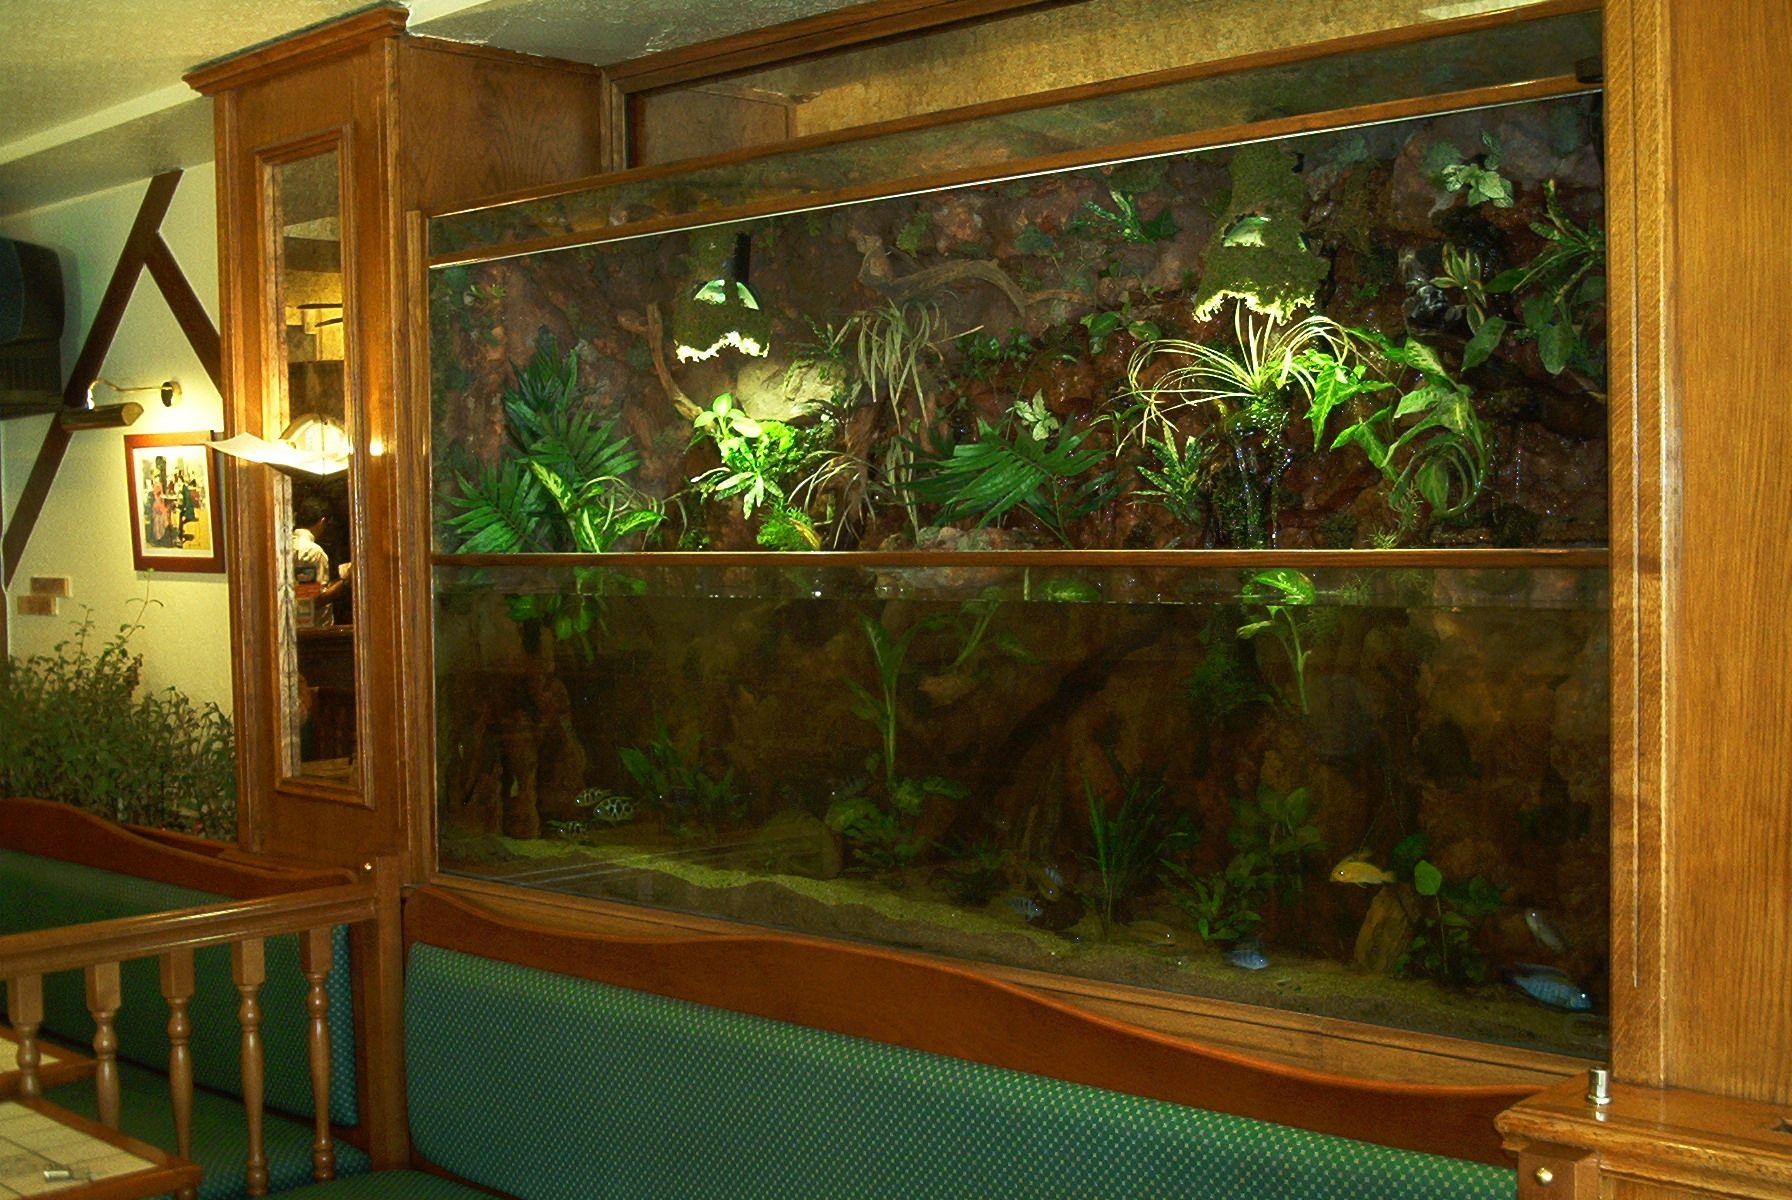 e59196aa2fb9bd2599b041013642b5e5 Frais De Fabriquer Aquarium Concept